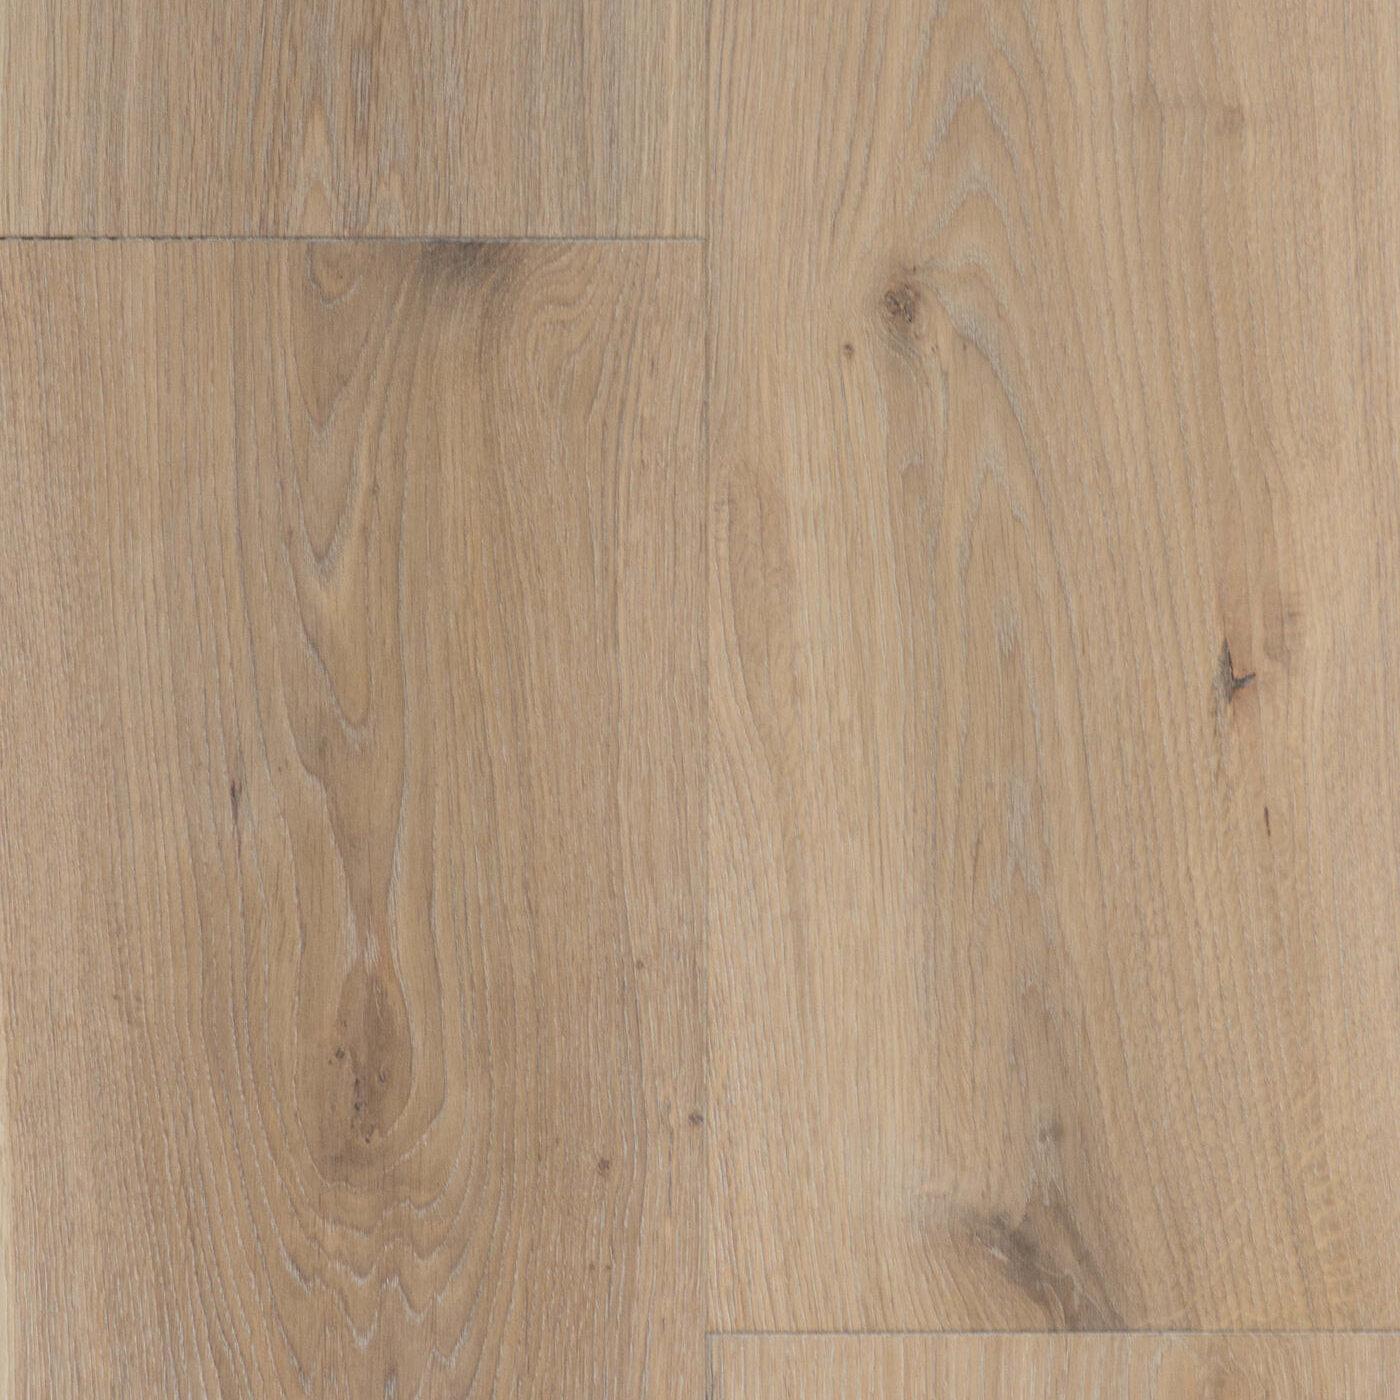 inzhenerna-doshka-arbofari-xxl-oak-blonde-1